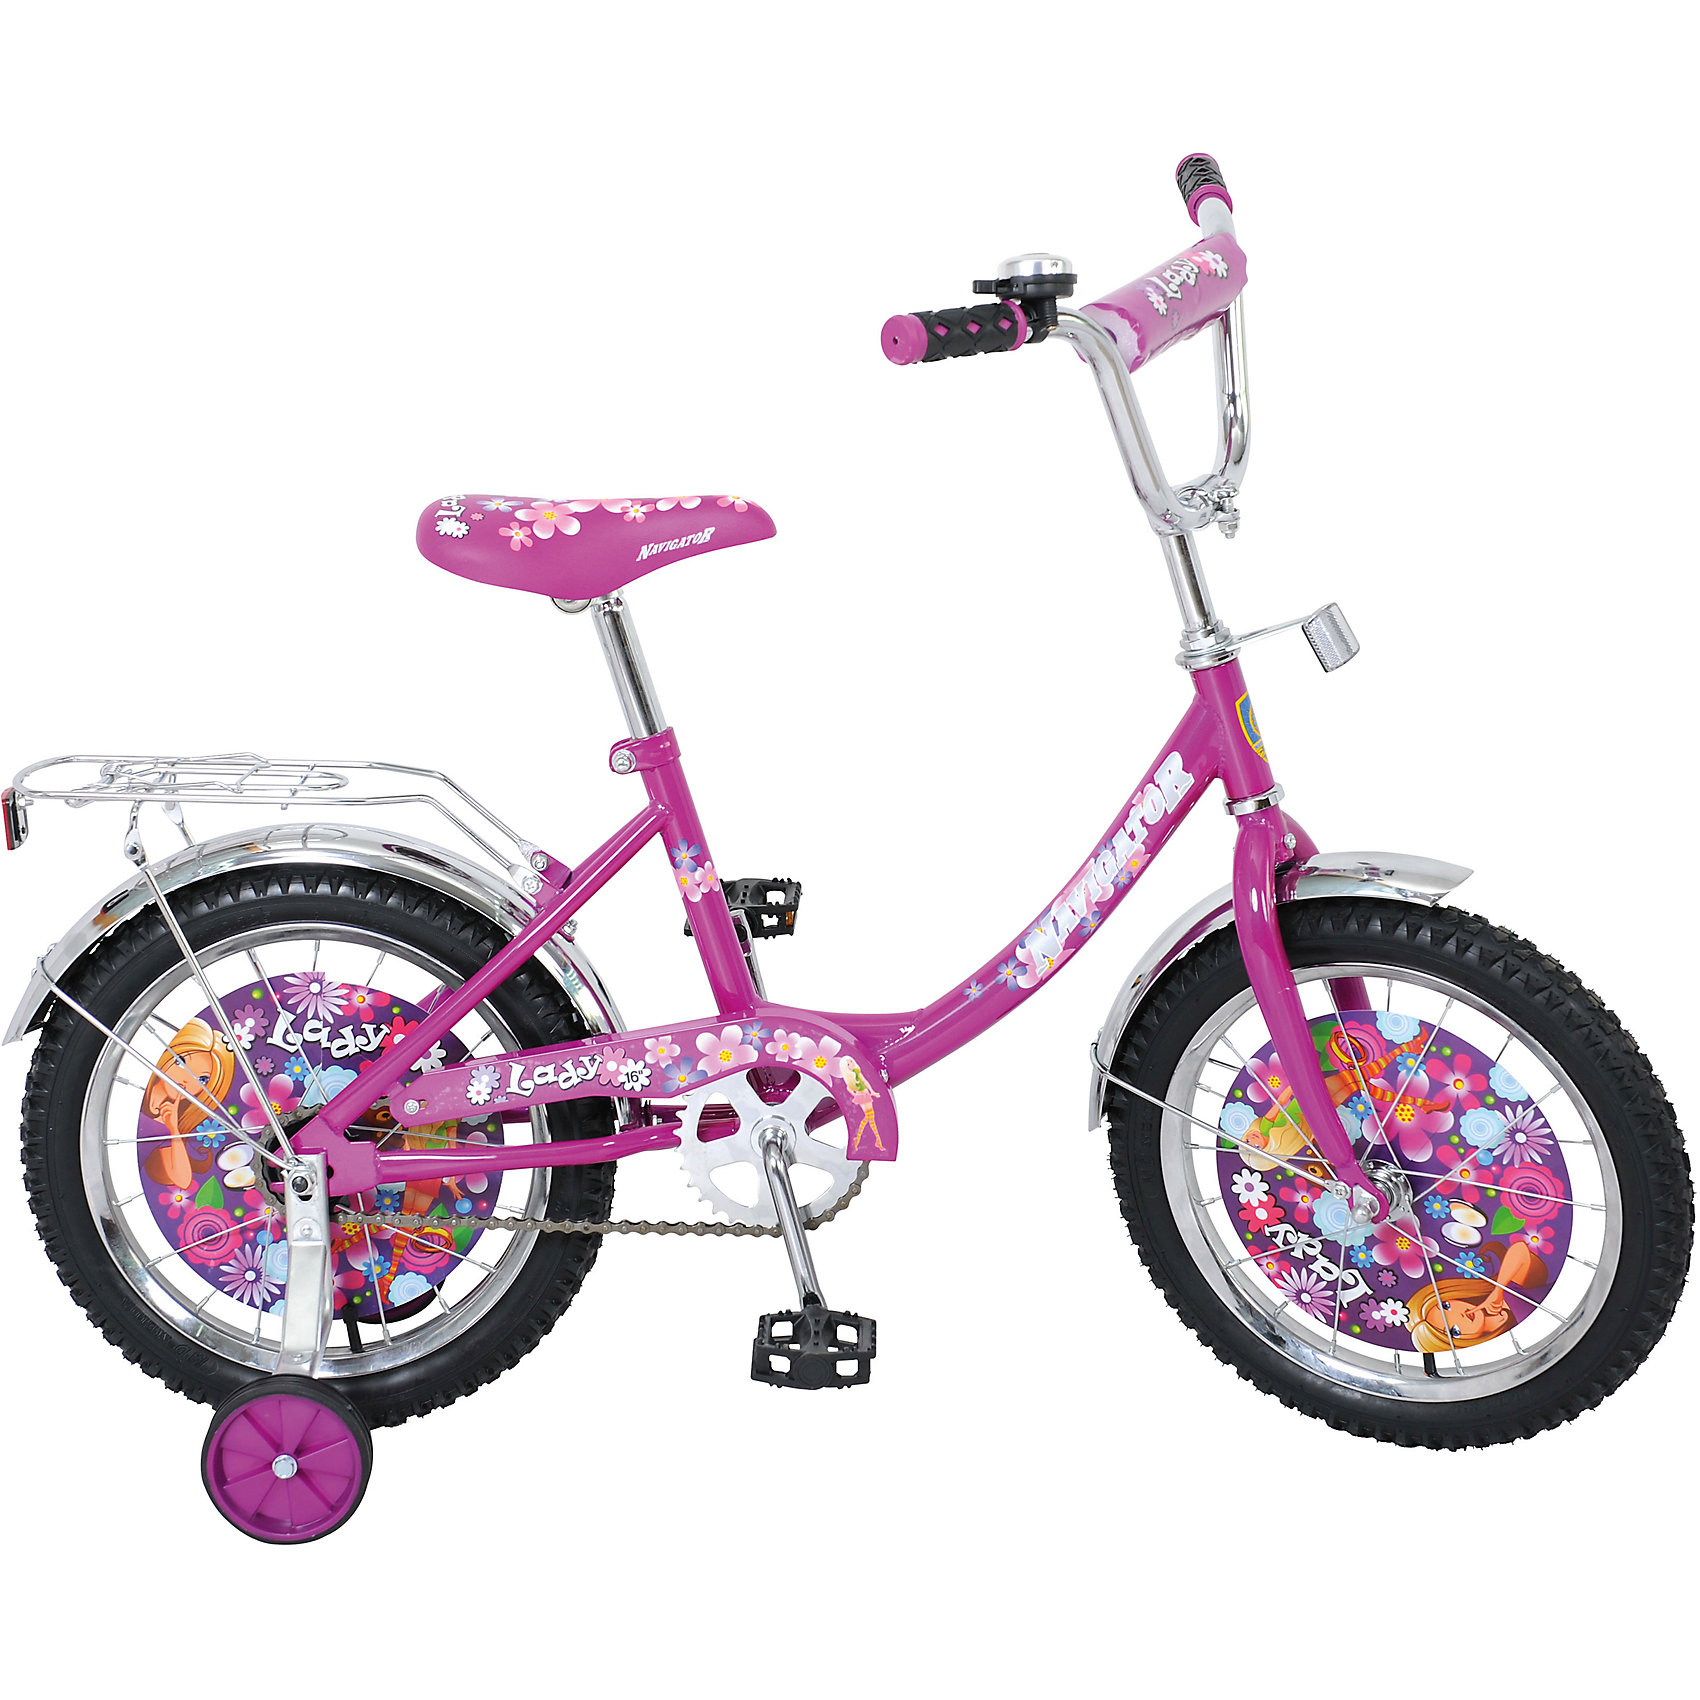 Двухколесный велосипед Lady, фиолетовый, Navigator